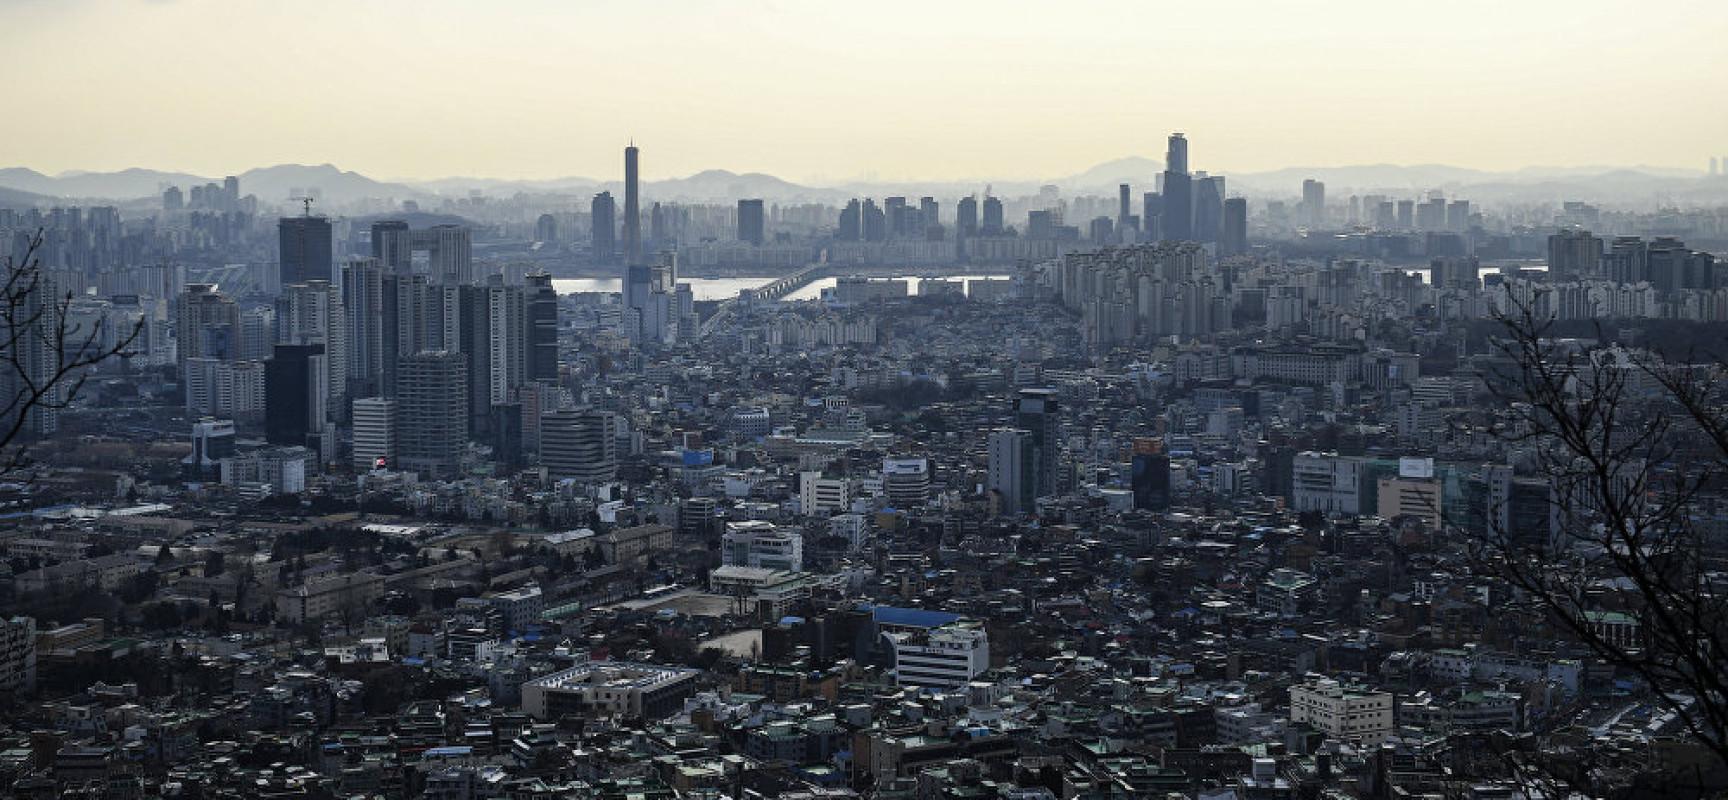 Conflit imminent? Des militaires et des diplomates US évacuent leurs familles de Séoul